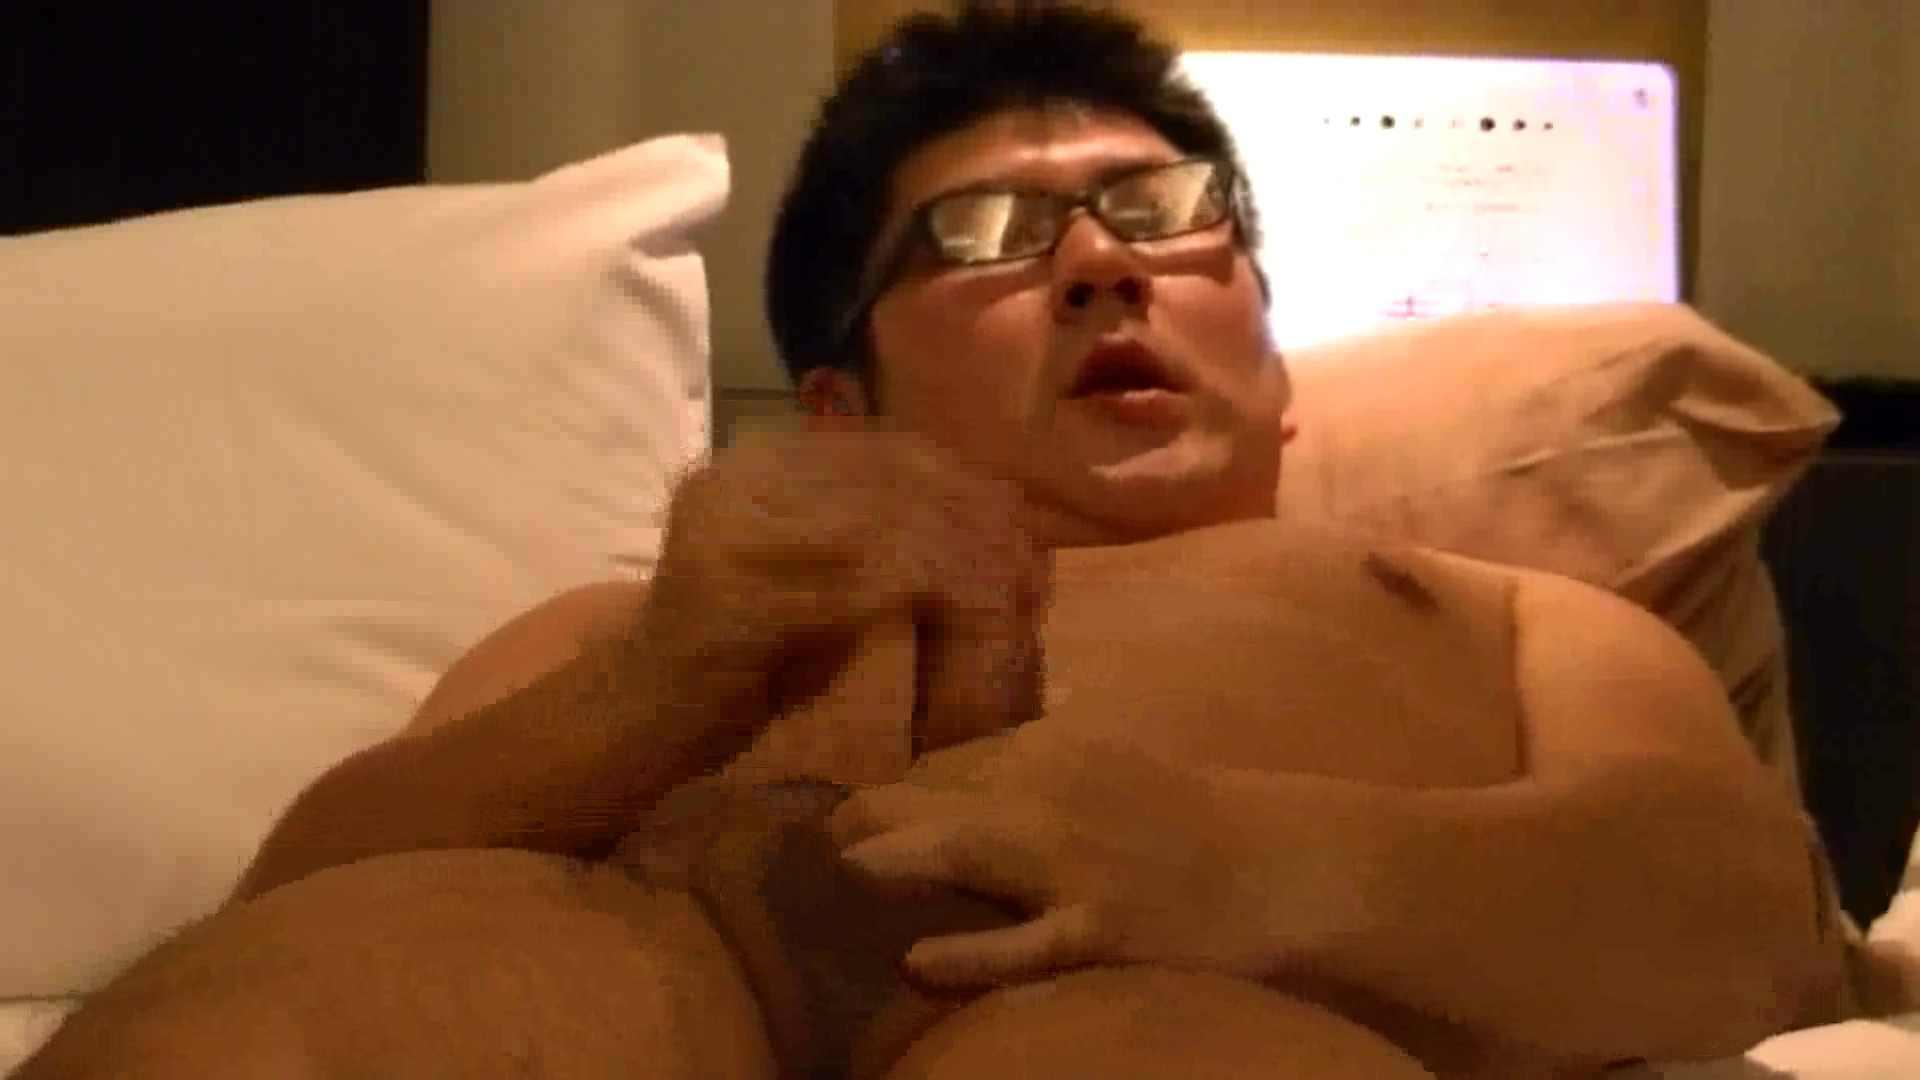 ONA見せカーニバル!! Vol5 メンズのエッチ   オナニー専門男子  81画像 9